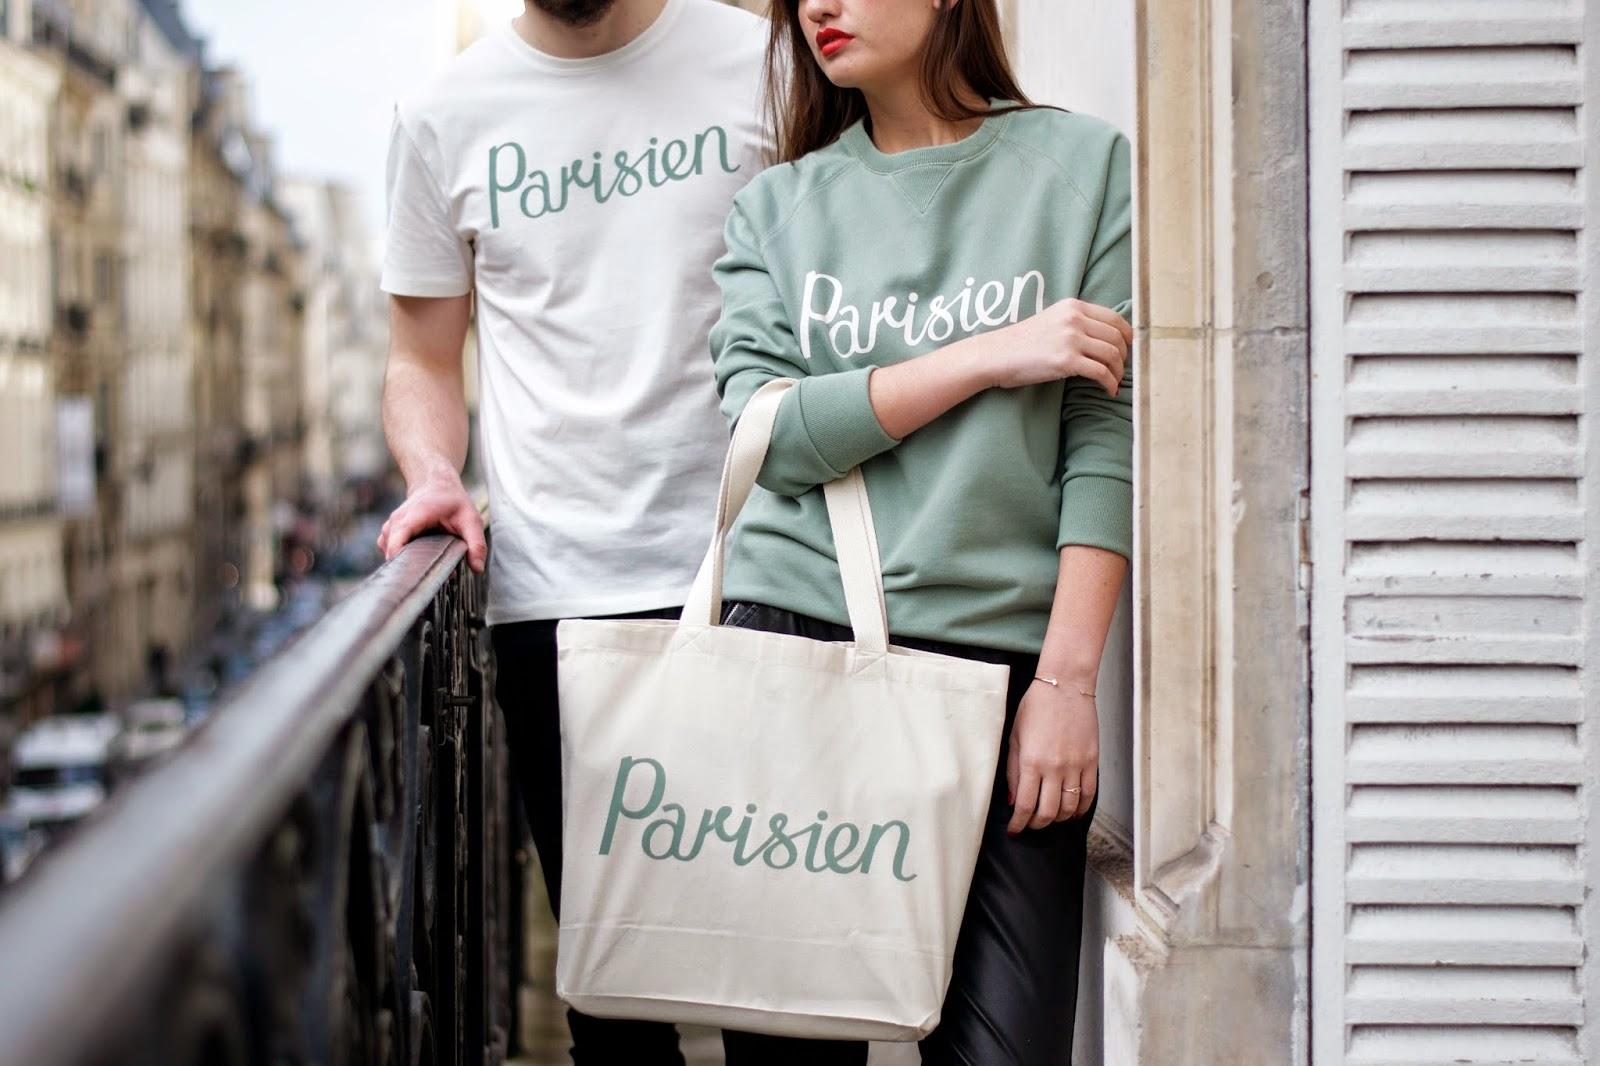 Kitsune parisien collection